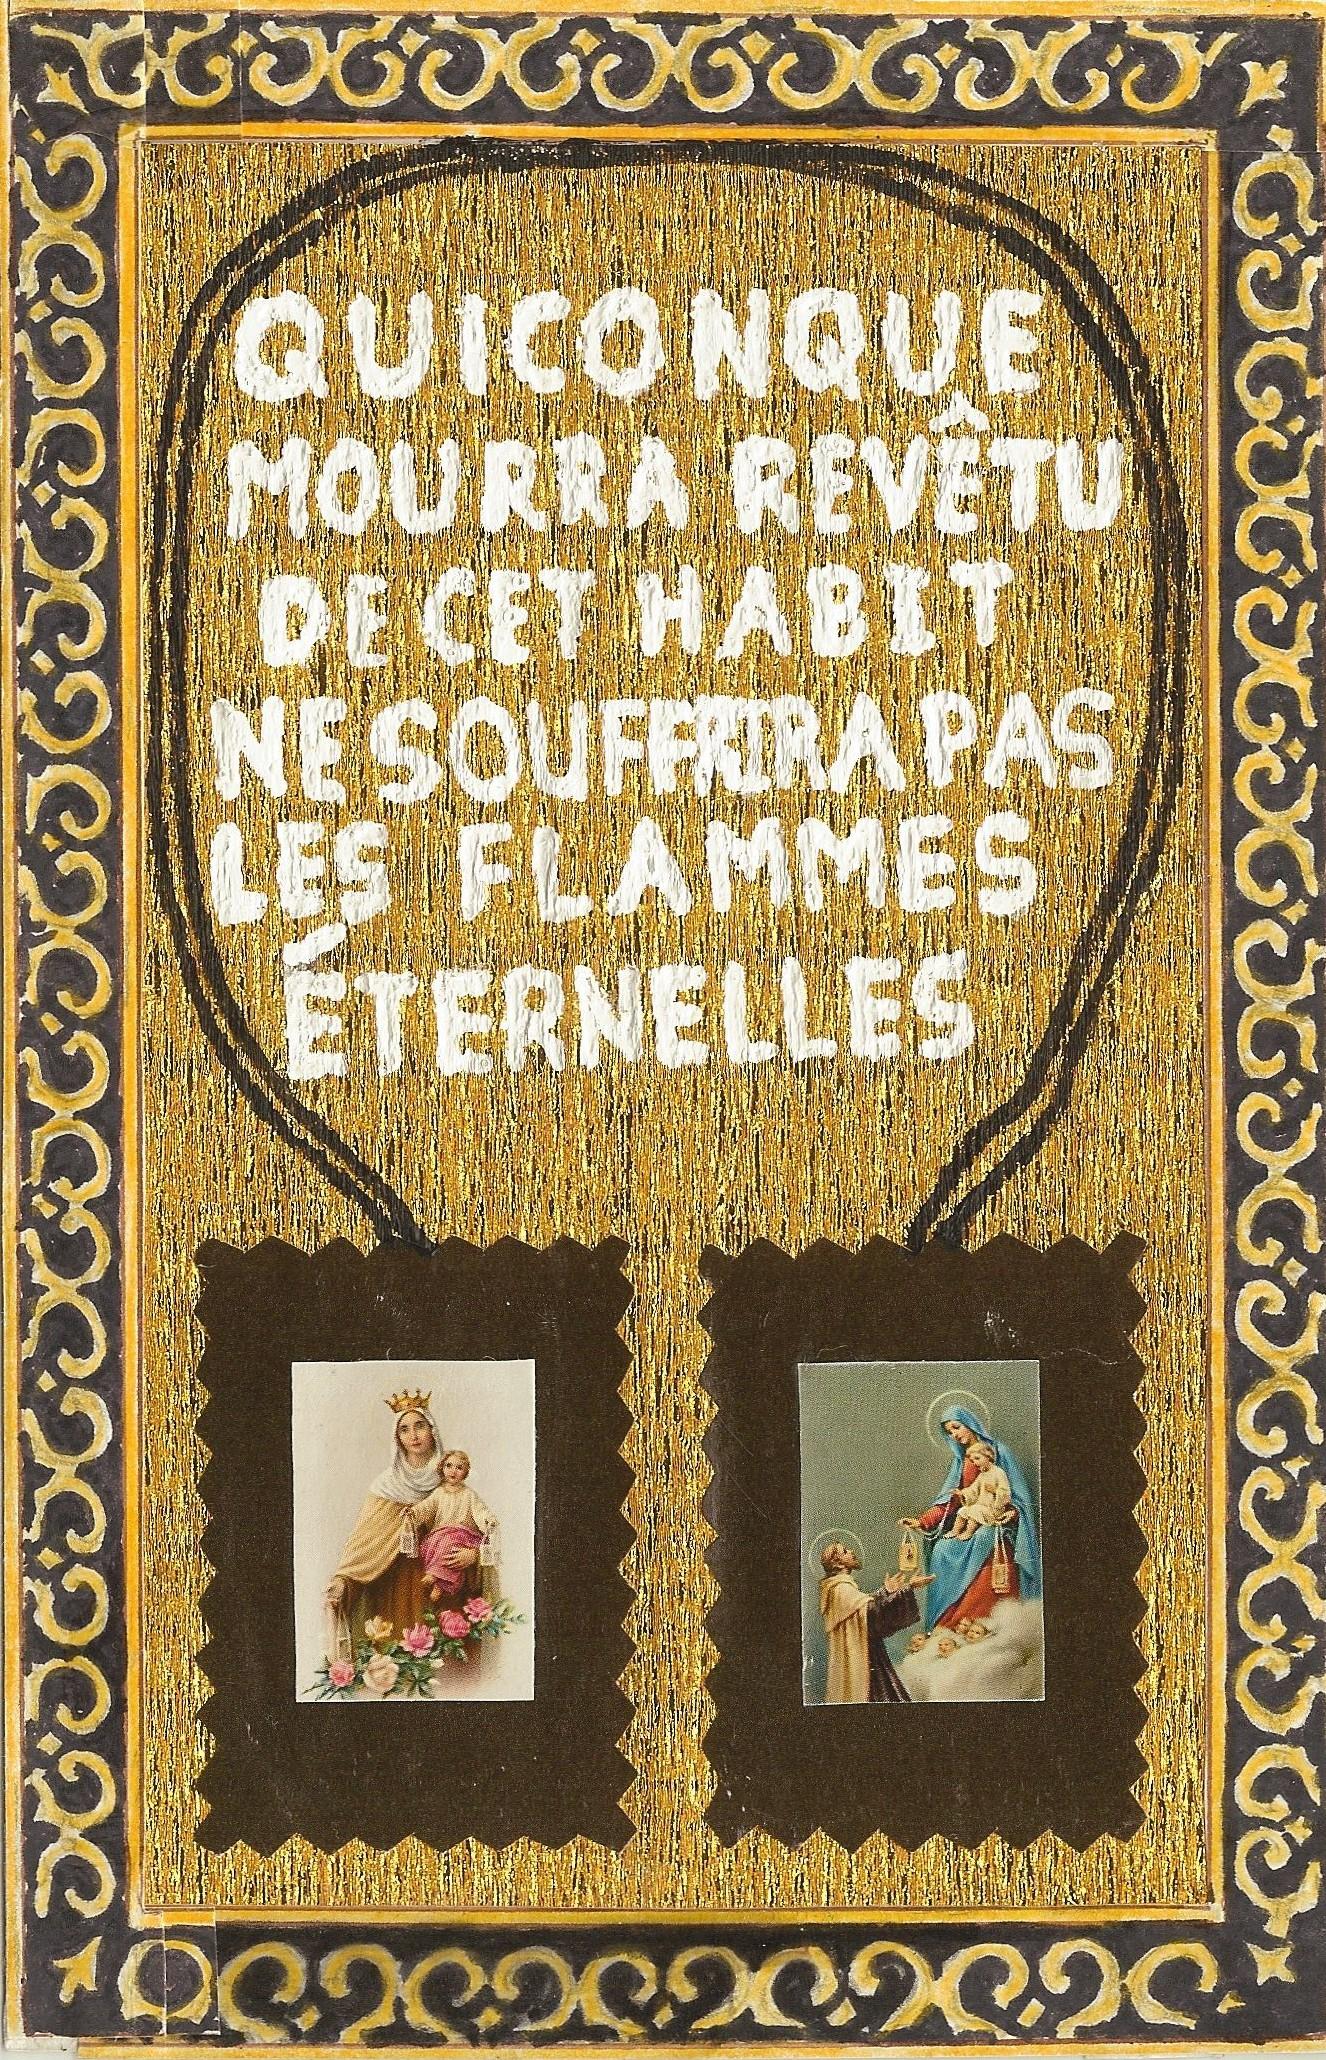 CALENDRIER CATHOLIQUE 2019 (Cantiques, Prières & Images) - Page 3 Le-scapulaire-de-...promesse-566075f